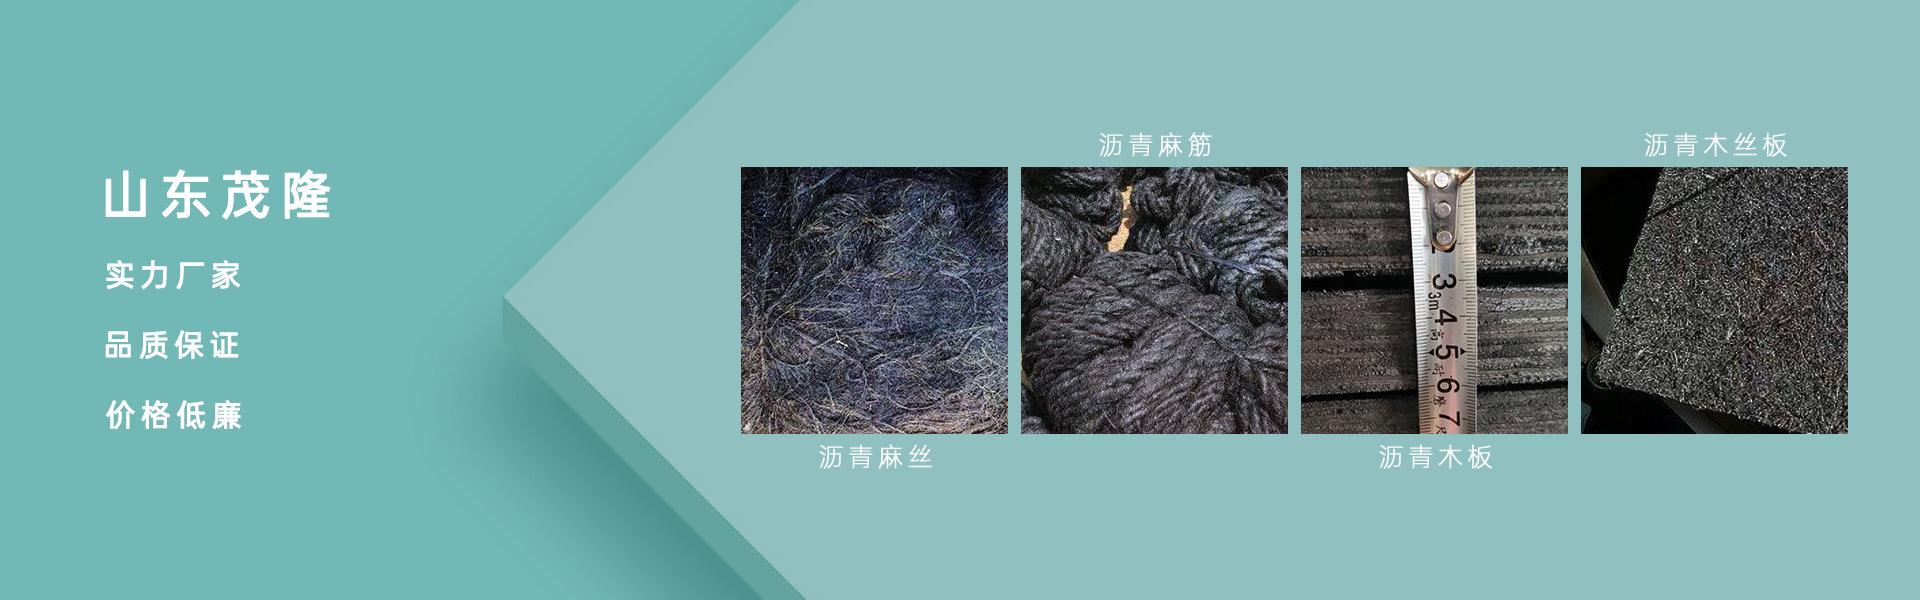 沥青麻丝-沥青麻絮-沥青木丝板-沥青木板-沥青杉木板